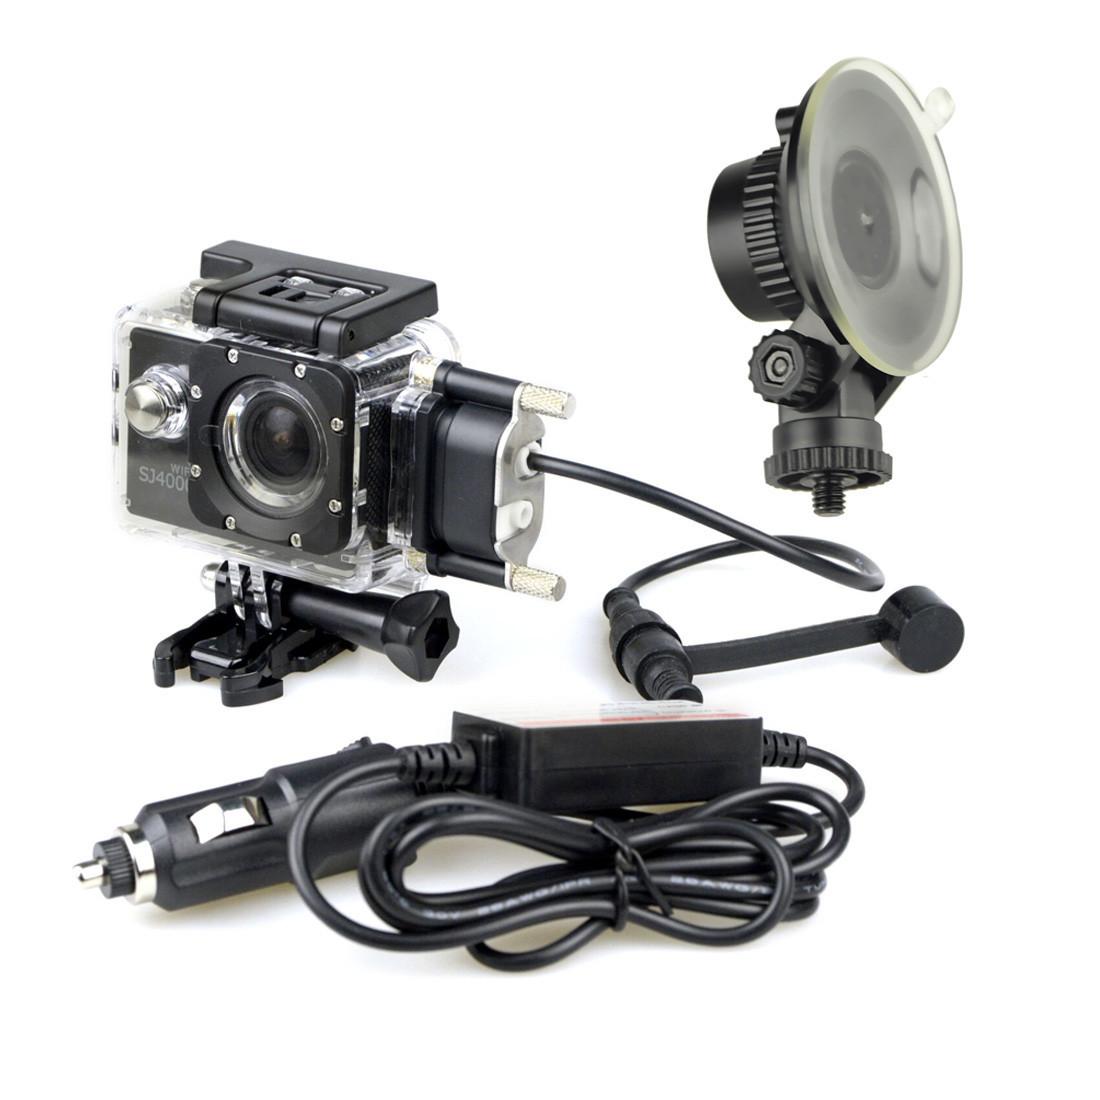 Автомобильный комплект (держатель и зарядка) SJCAM SJ302